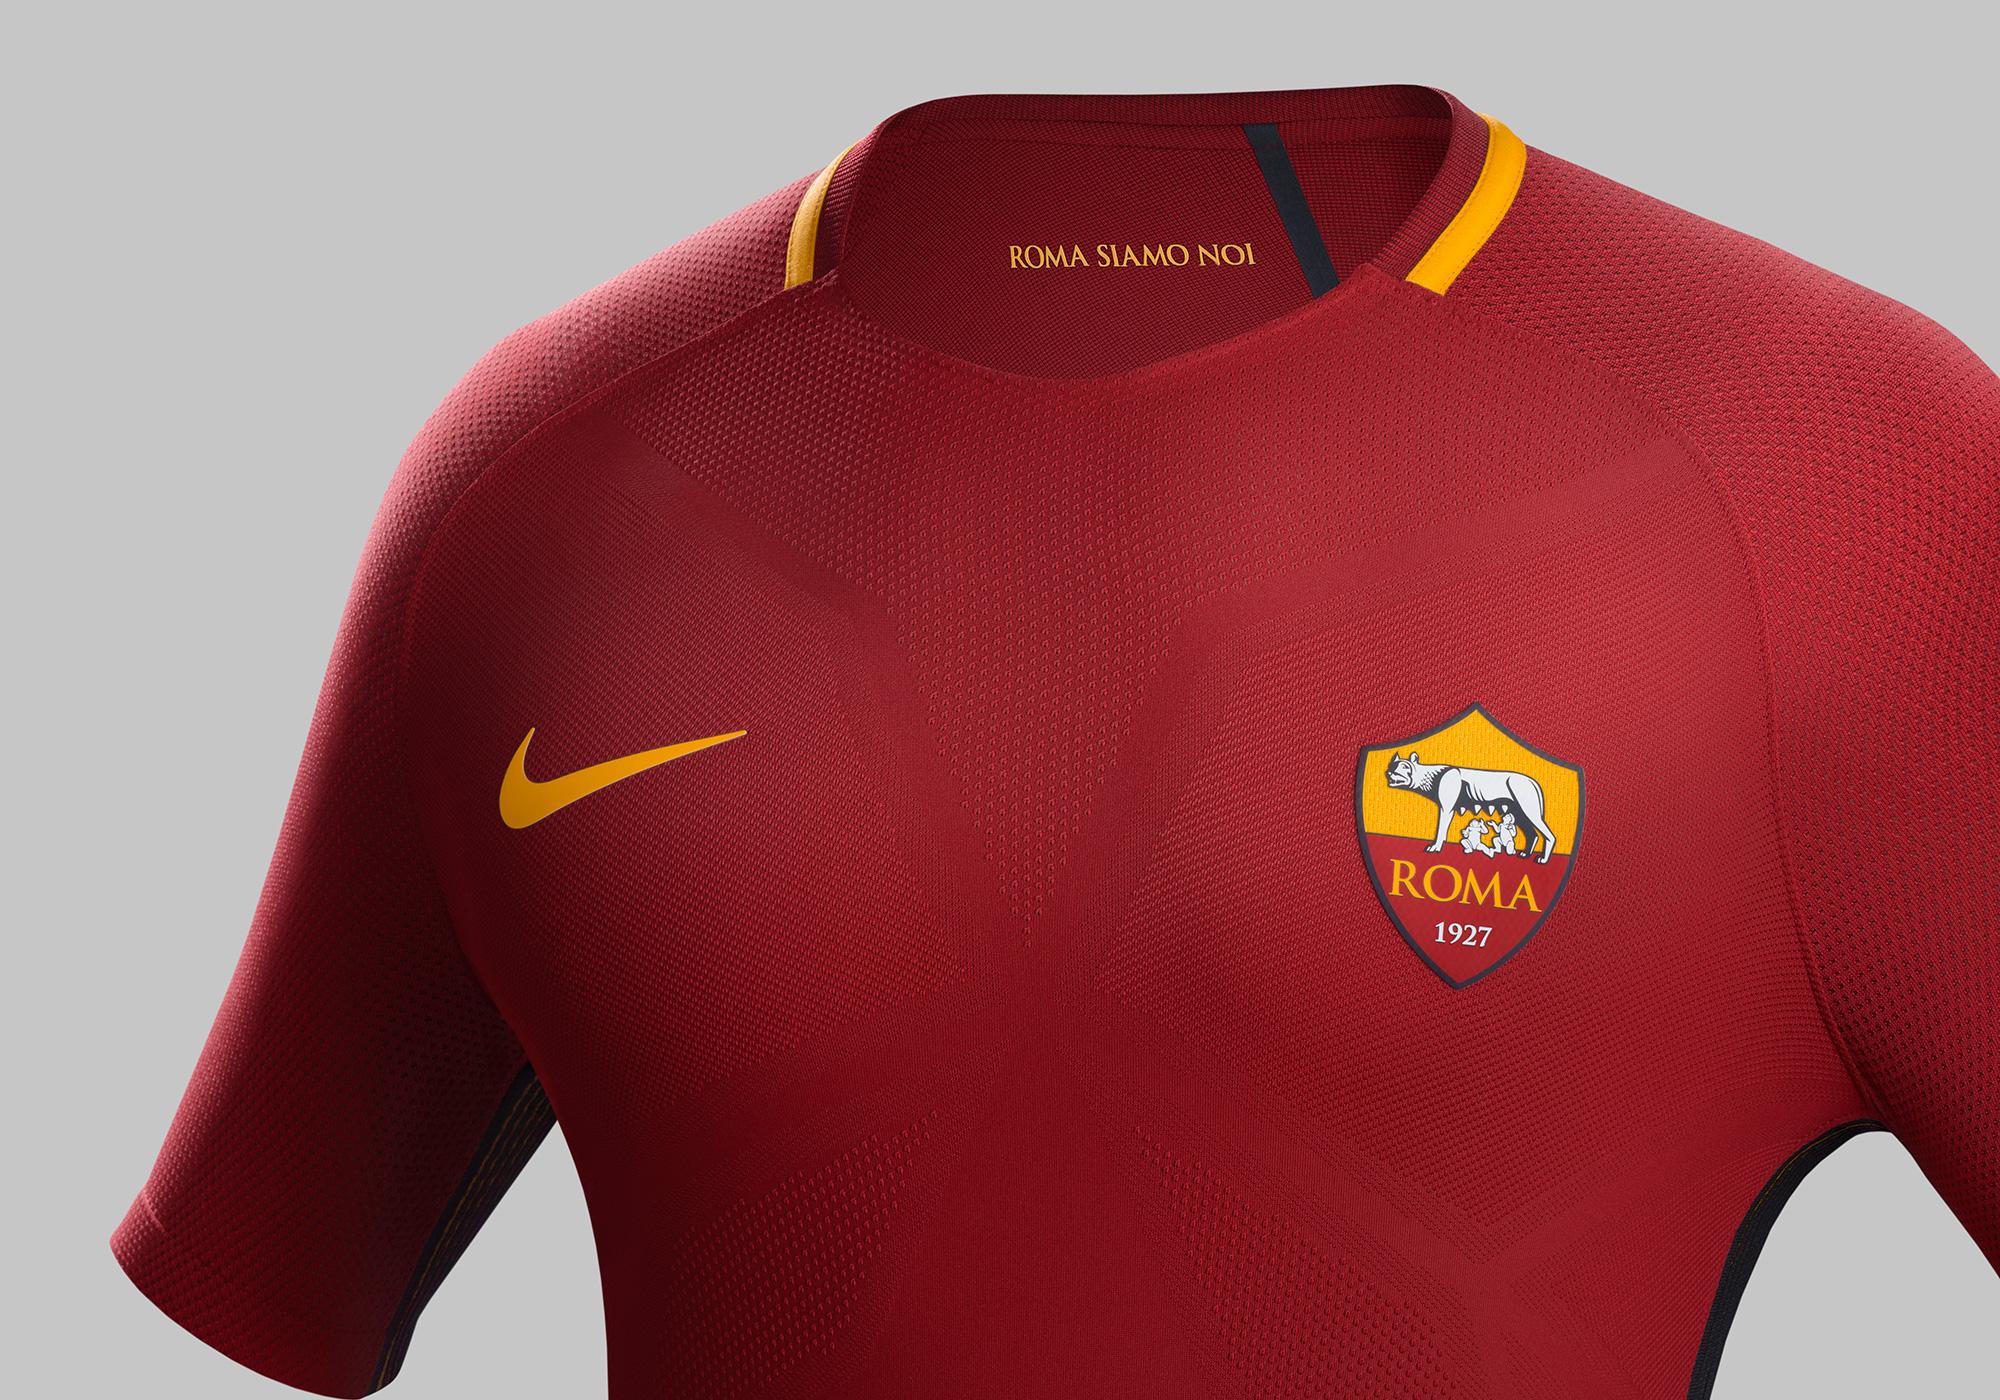 as-roma-nike-kit-17-18-2